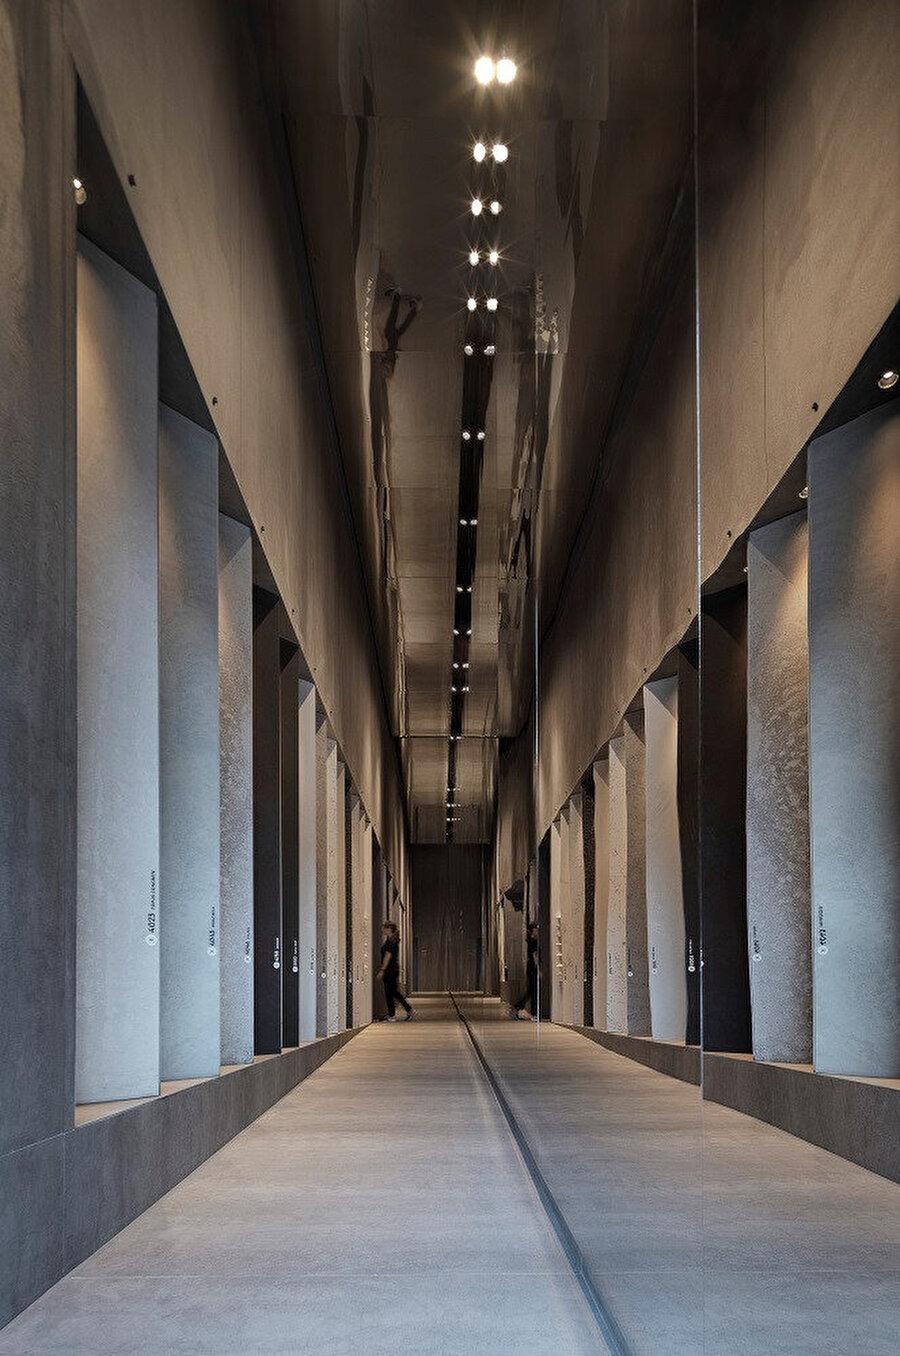 Markaya ait kuvars ve porselen taşların sergilediği koridor.